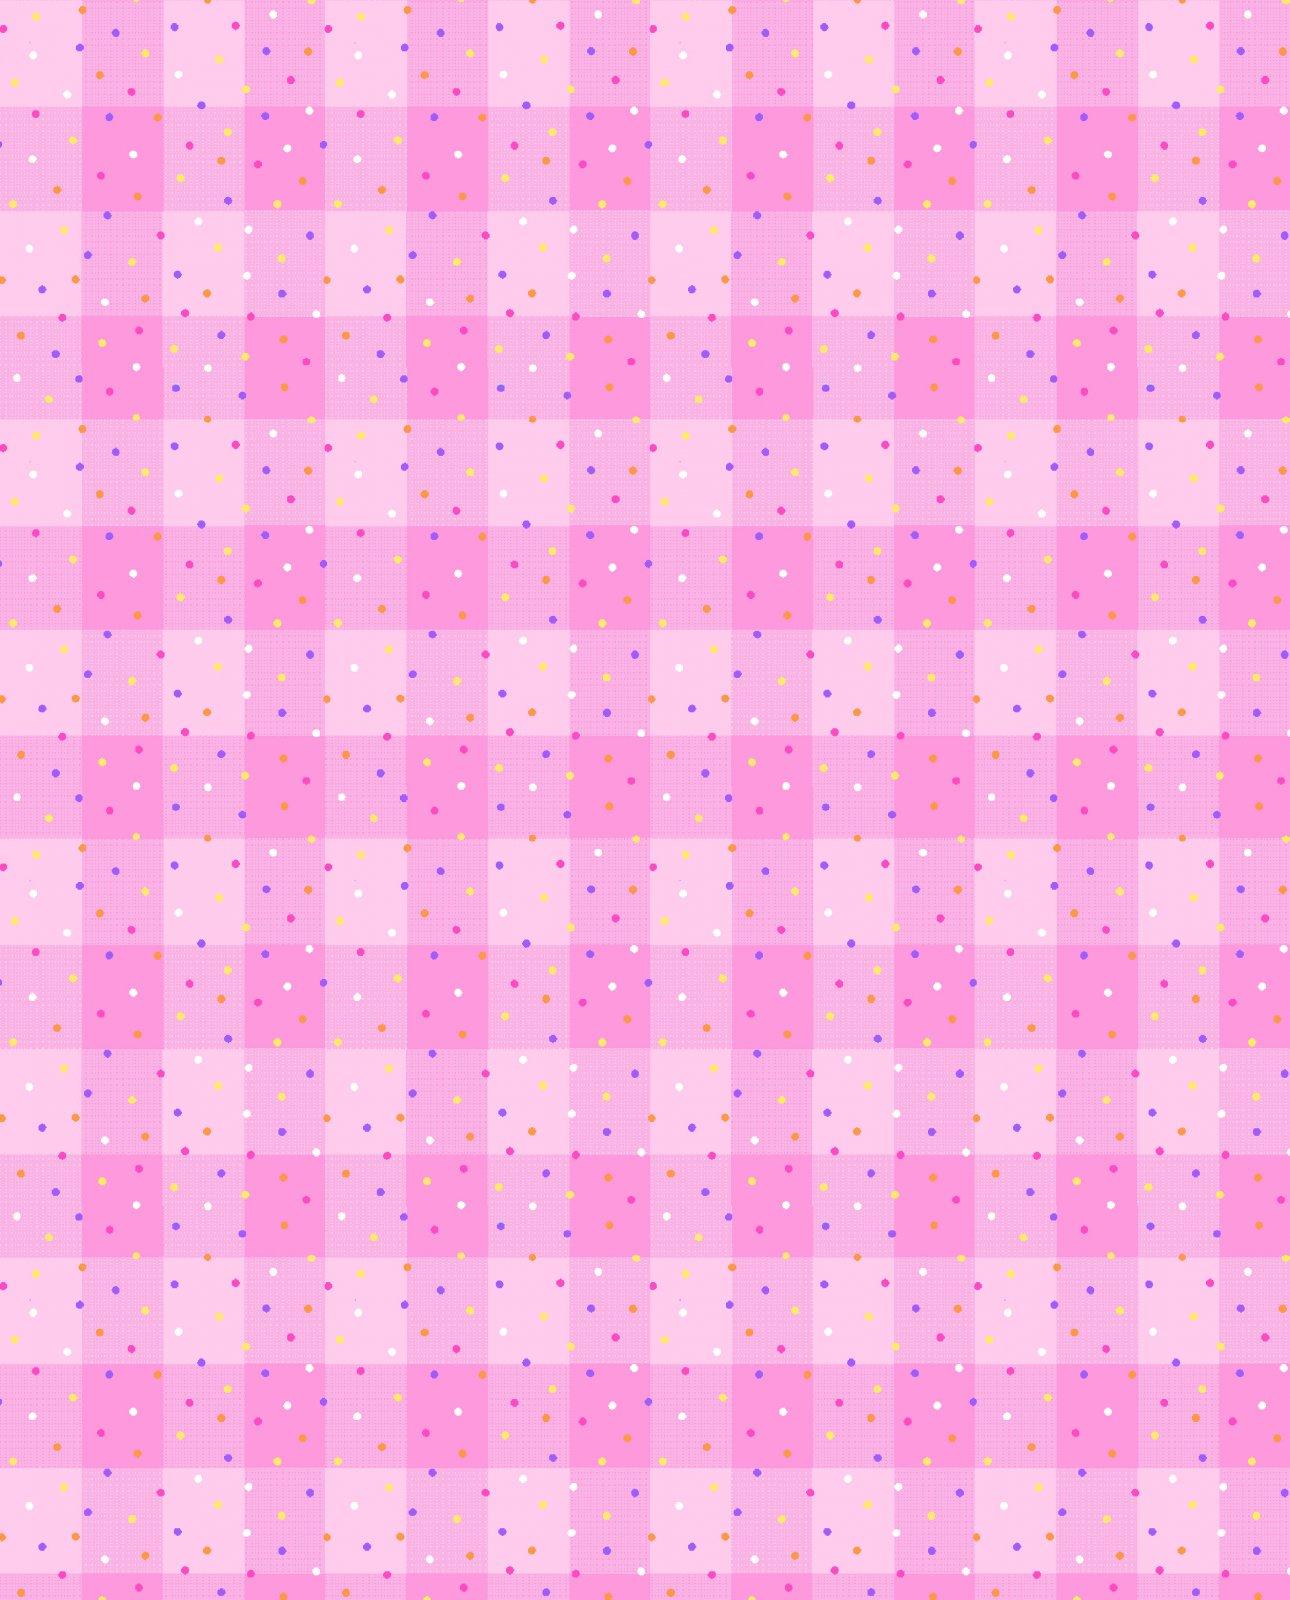 AE-Comfy Flannel Print 9706-22 Pink Funfetti Plaid